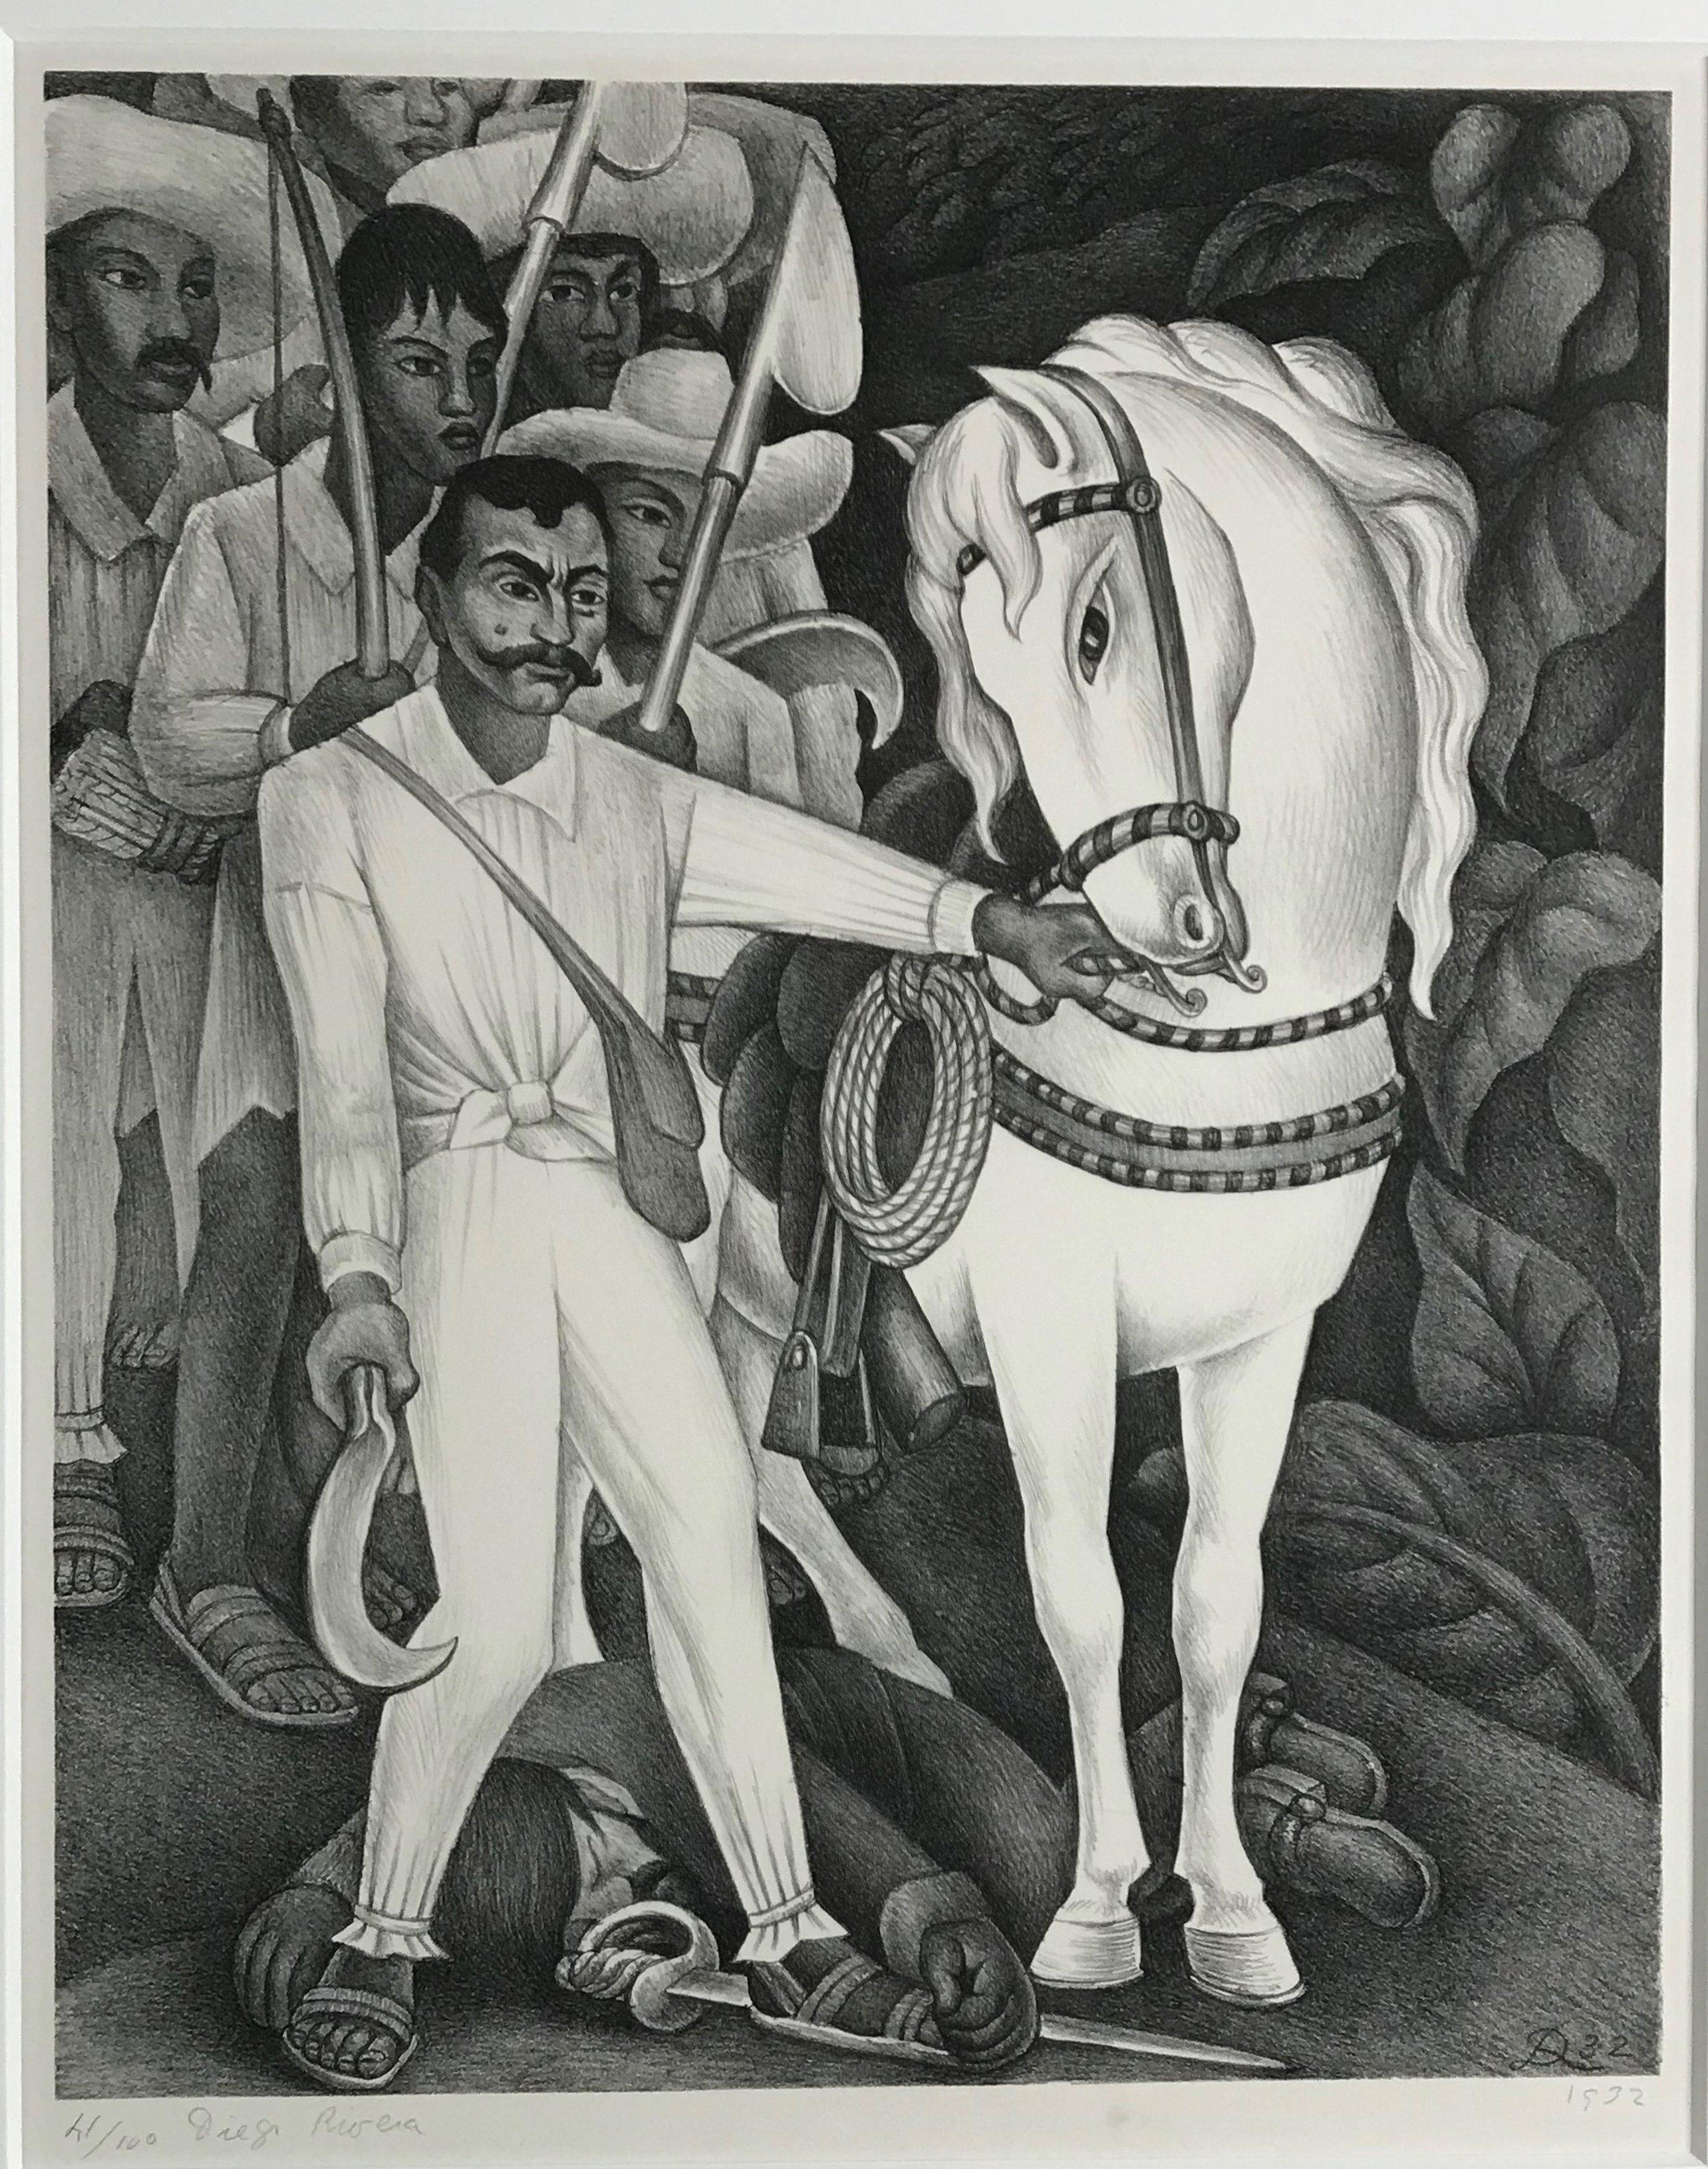 Diego Rivera.  Lithograph.  Zapata.  1932.  13.18 x 16.25 inches  .jpg